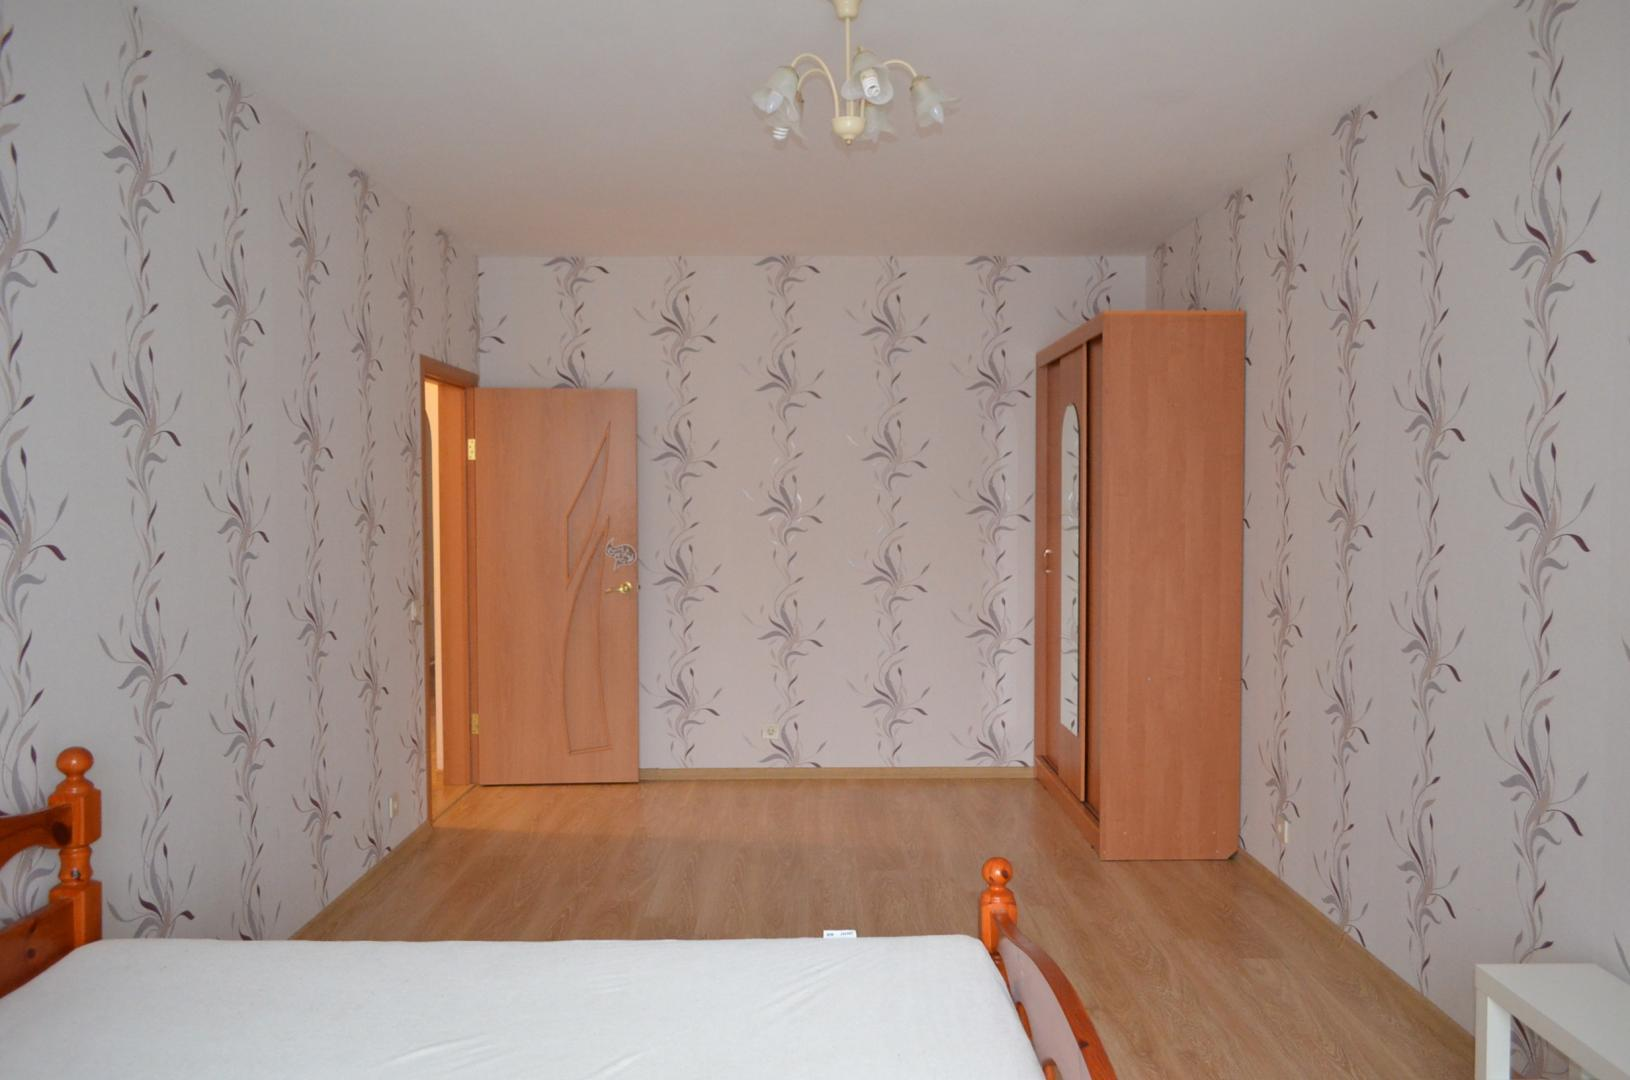 Квартира, 2 комнаты, 90 м² в Дзержинском 89091663365 купить 3